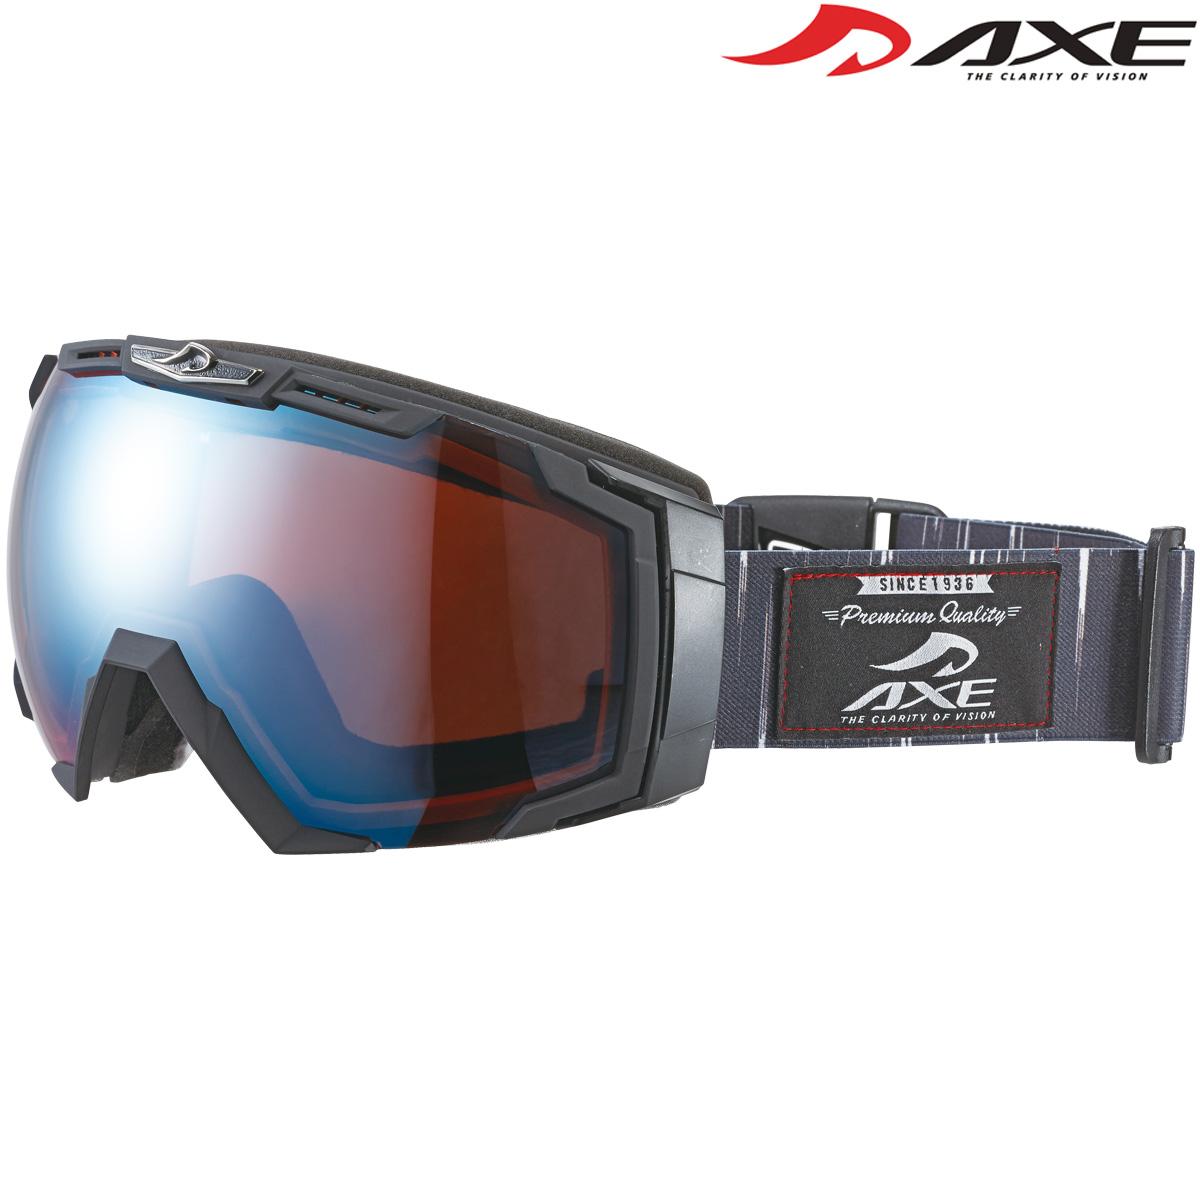 ゴーグル 眼鏡対応 スノーボード スキー ダブルレンズ ミラー 曇り止め [17-18カタログモデル] メンズ ヘルメット対応 スノーゴーグル AX770-WCM AXE アックス